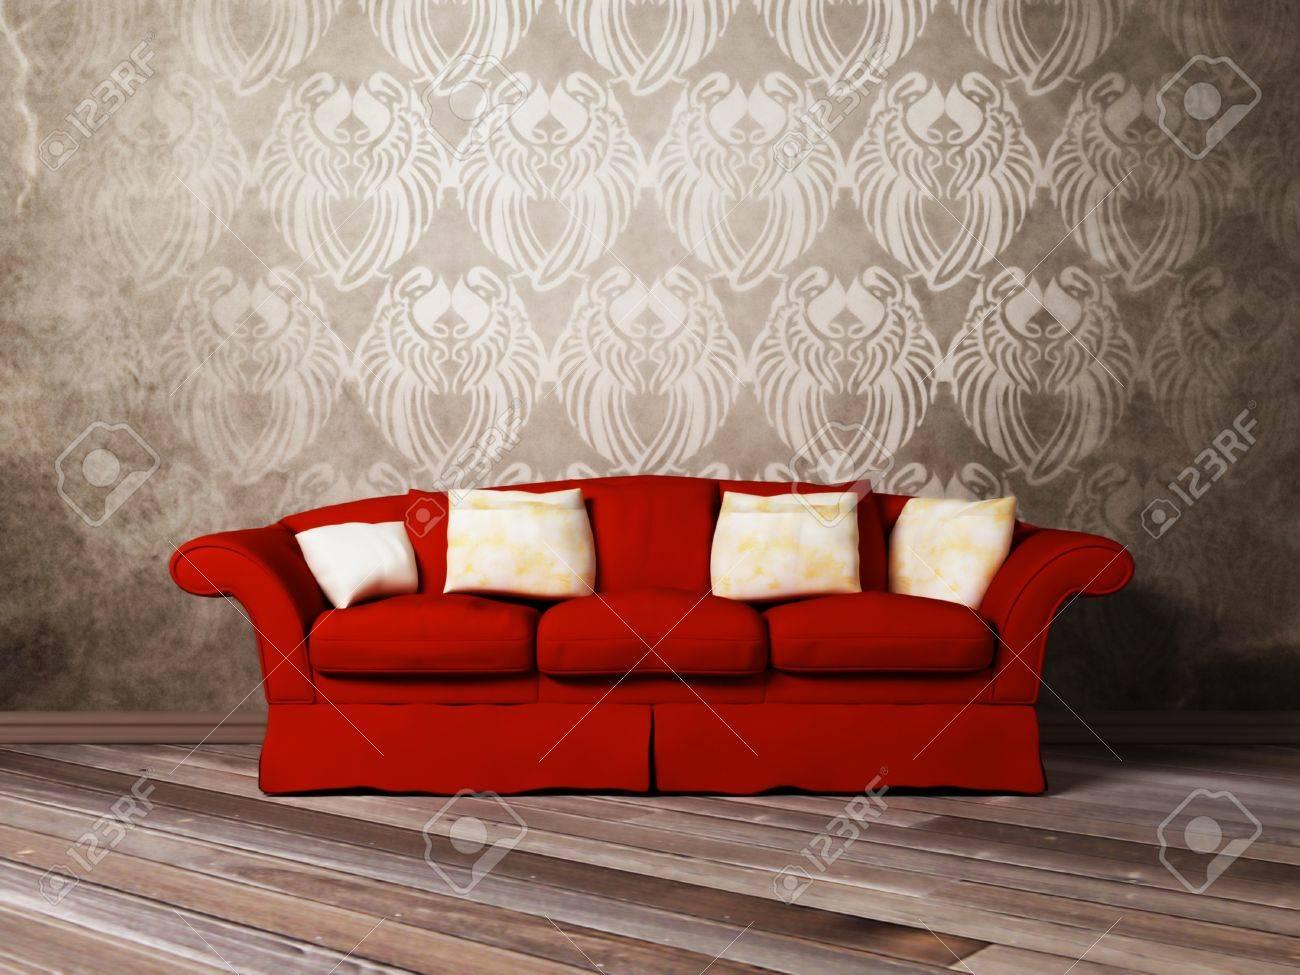 Moderne Innenarchitektur Aus Einem Wohnzimmer Mit Einem Roten Sofa ...